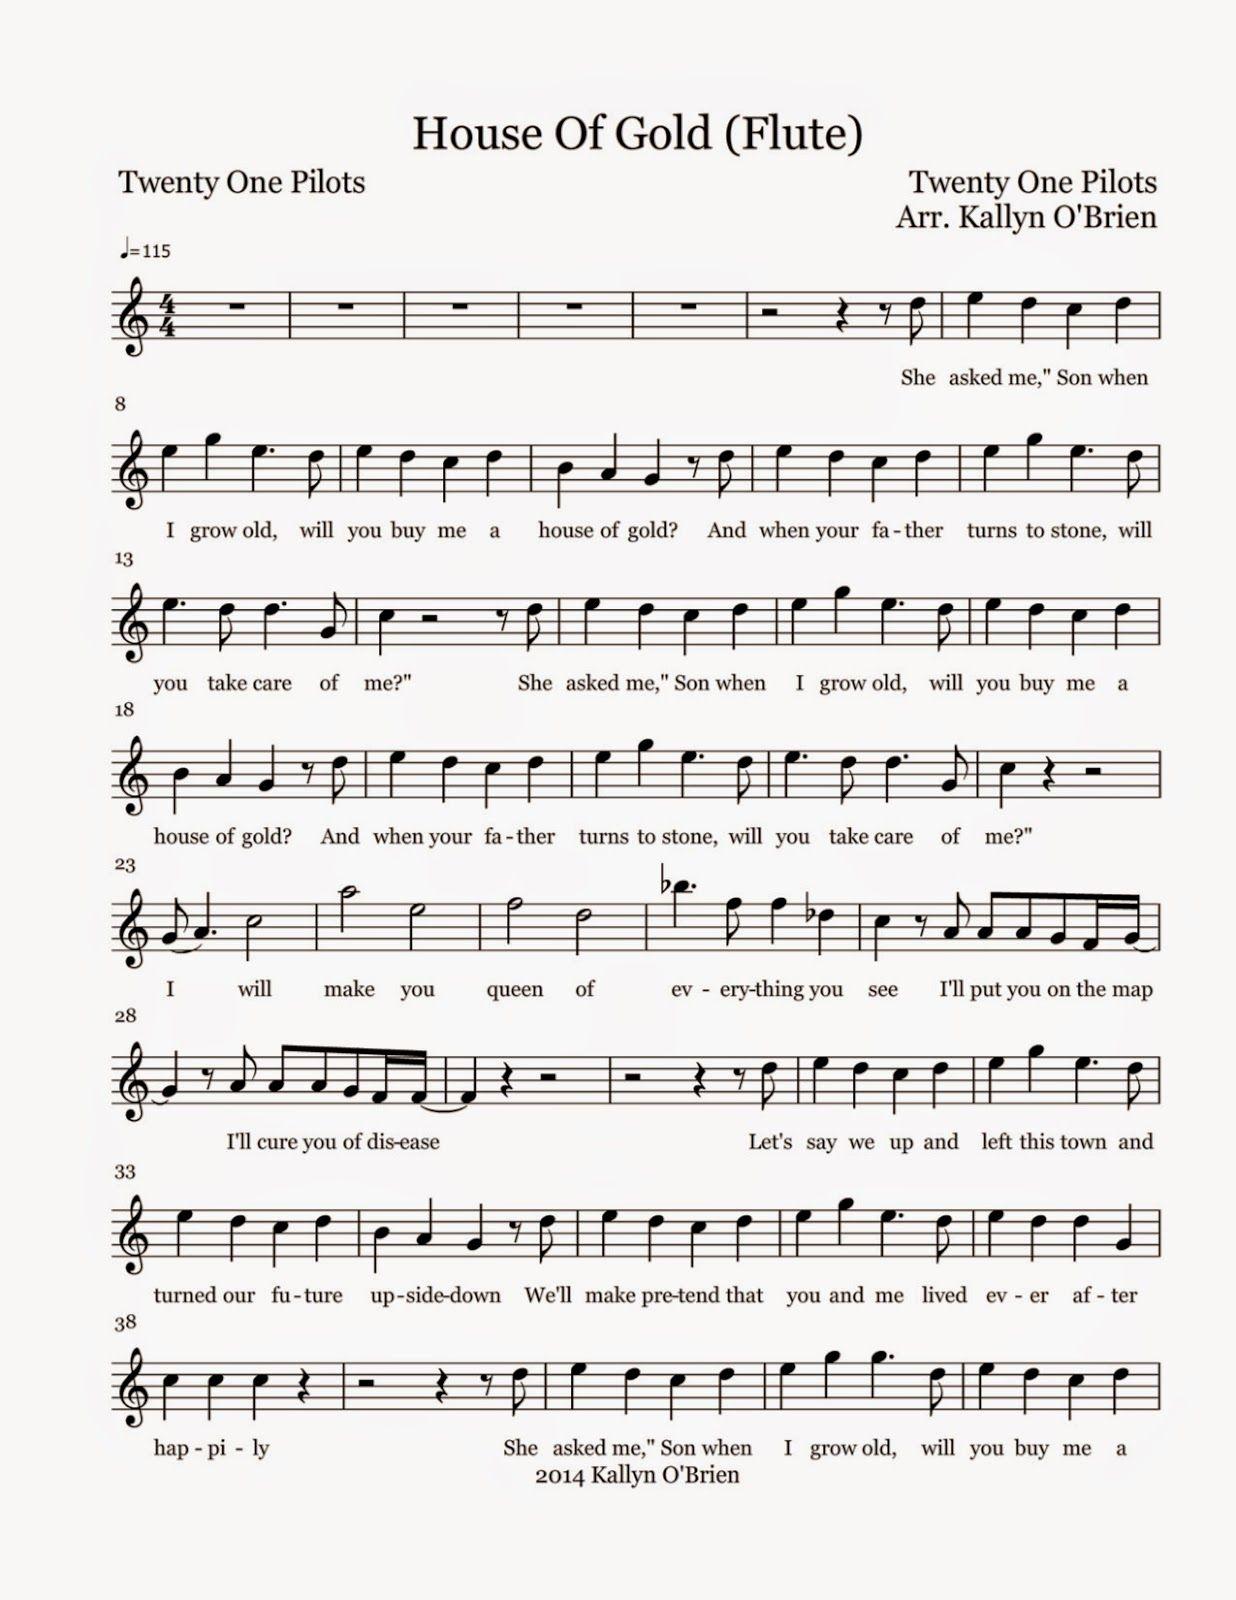 Flute Sheet Music House Of Gold   Sheet Music   Flute sheet music ...